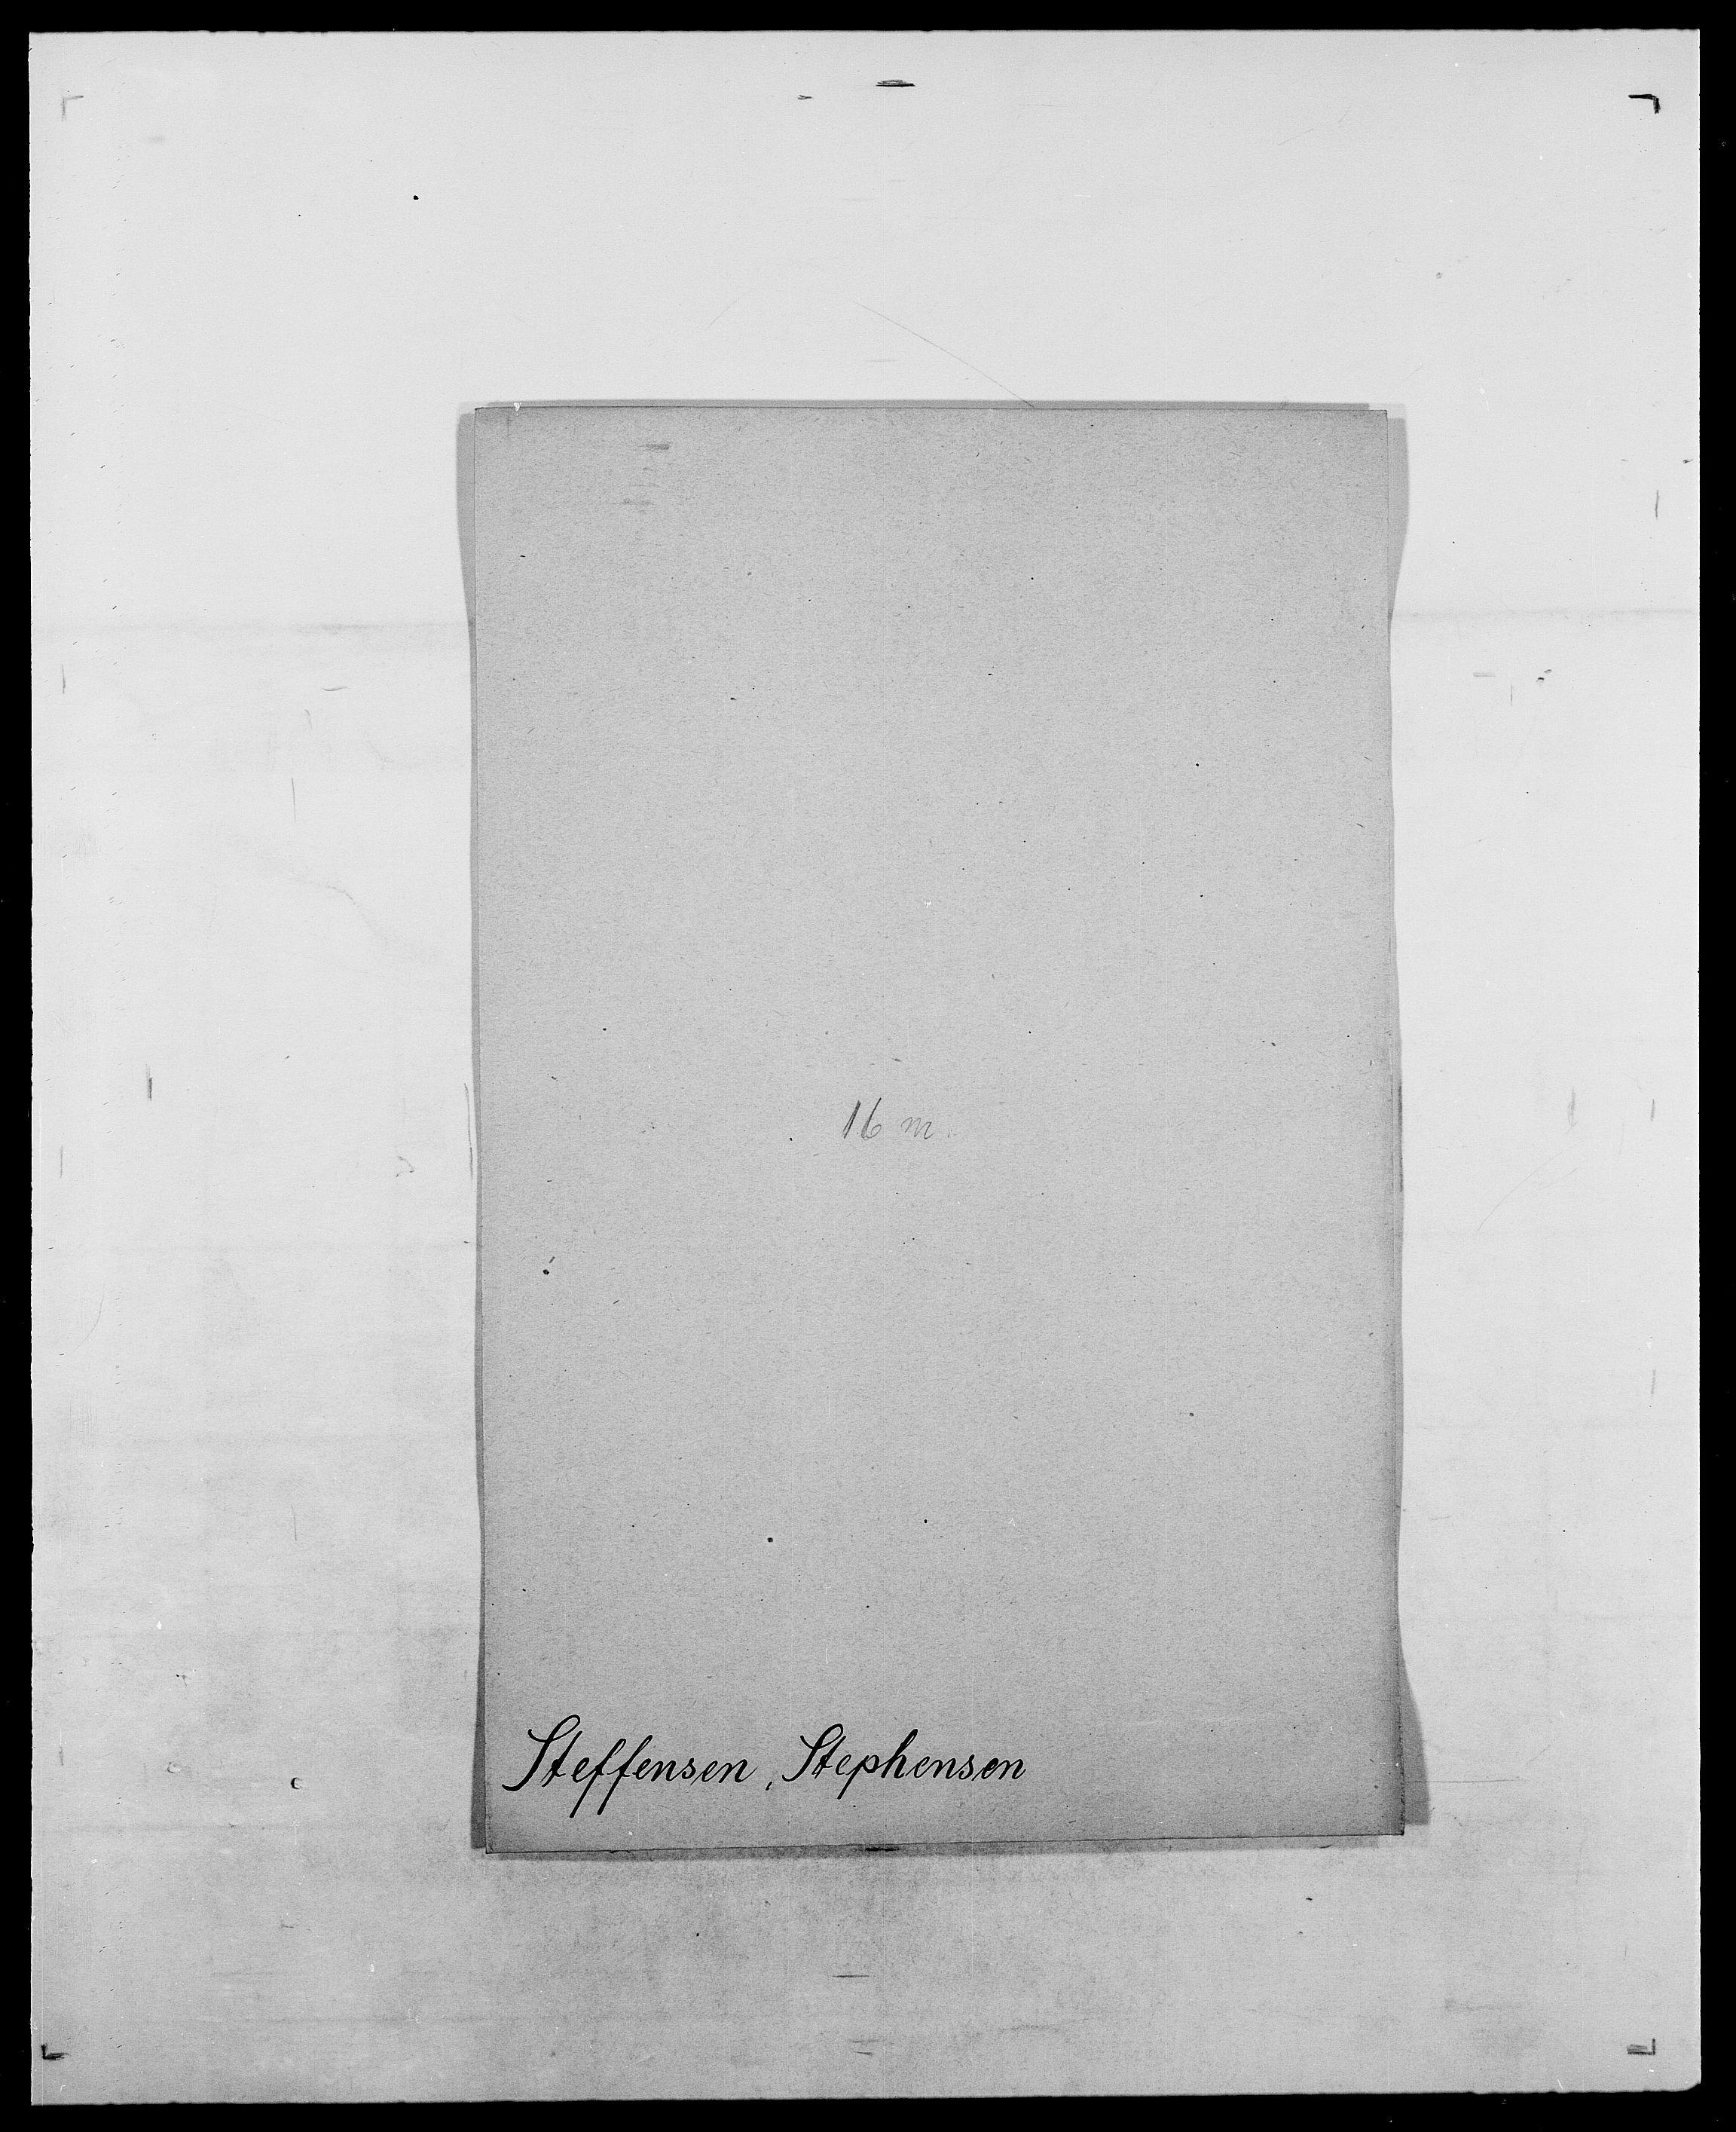 SAO, Delgobe, Charles Antoine - samling, D/Da/L0037: Steen, Sthen, Stein - Svare, Svanige, Svanne, se også Svanning og Schwane, s. 233